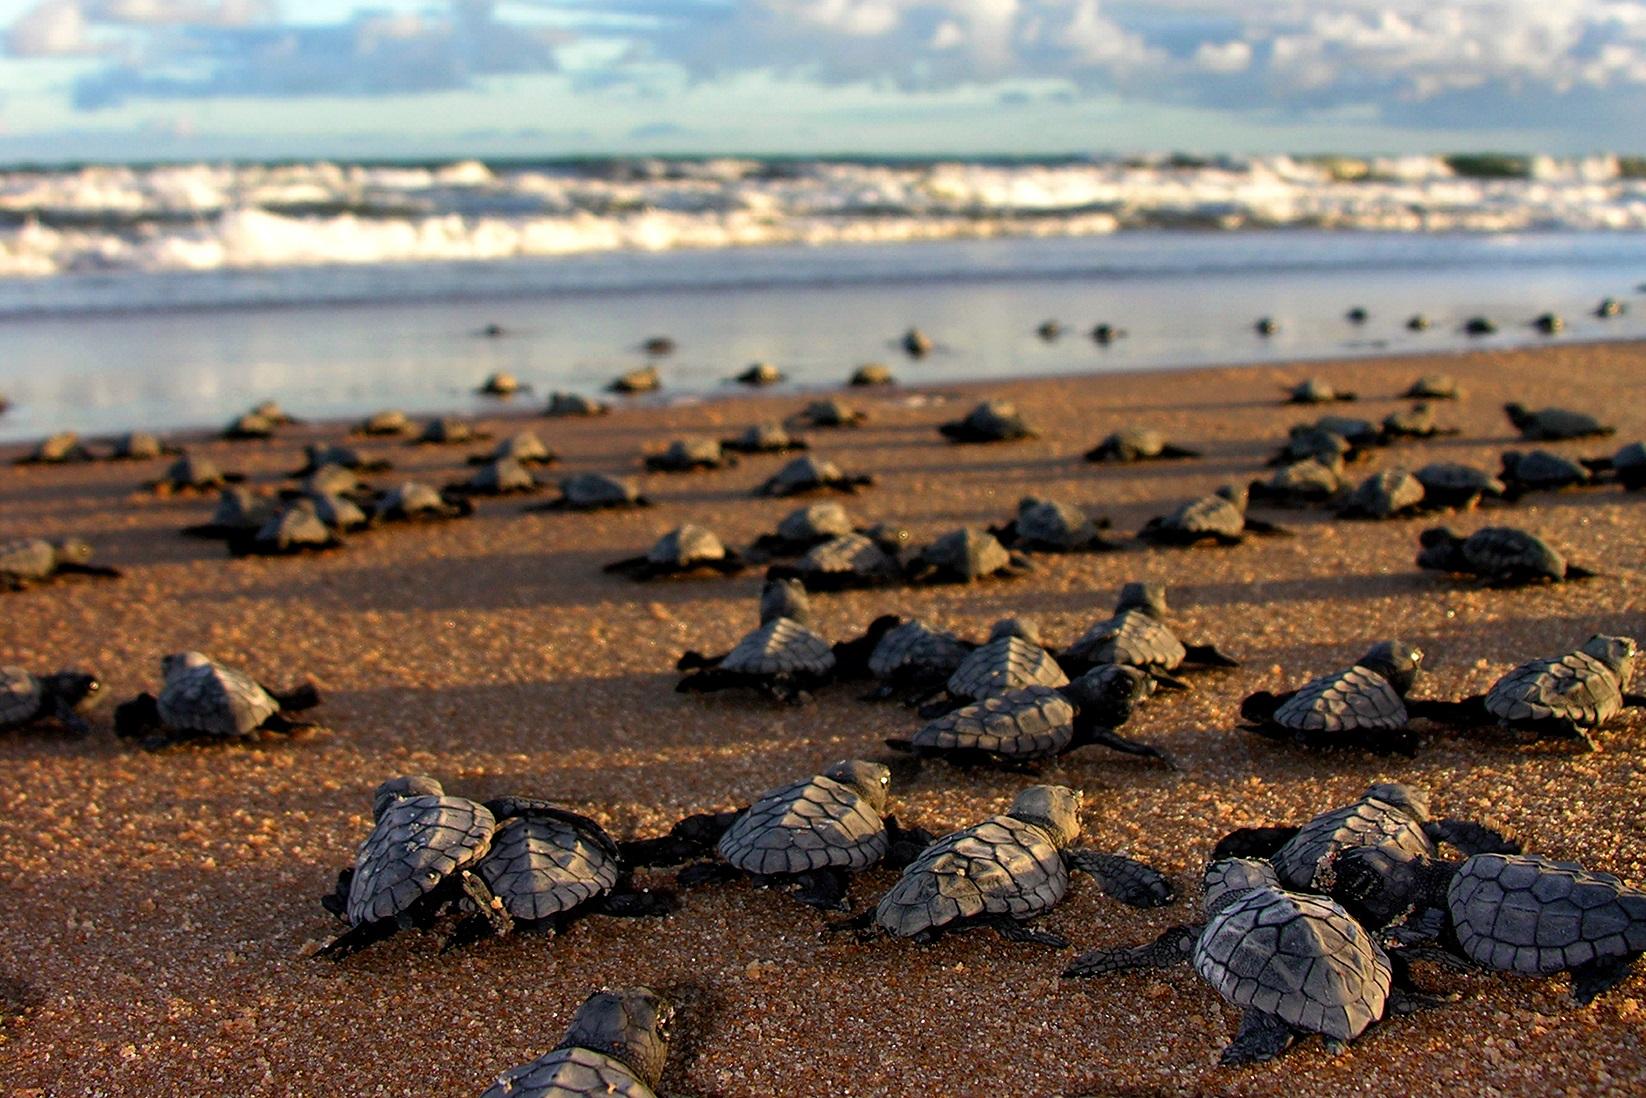 Manchas de óleo se transformam em barreiras para o deslocamento de tartarugas do Projeto Tamar. Foto Divulgação